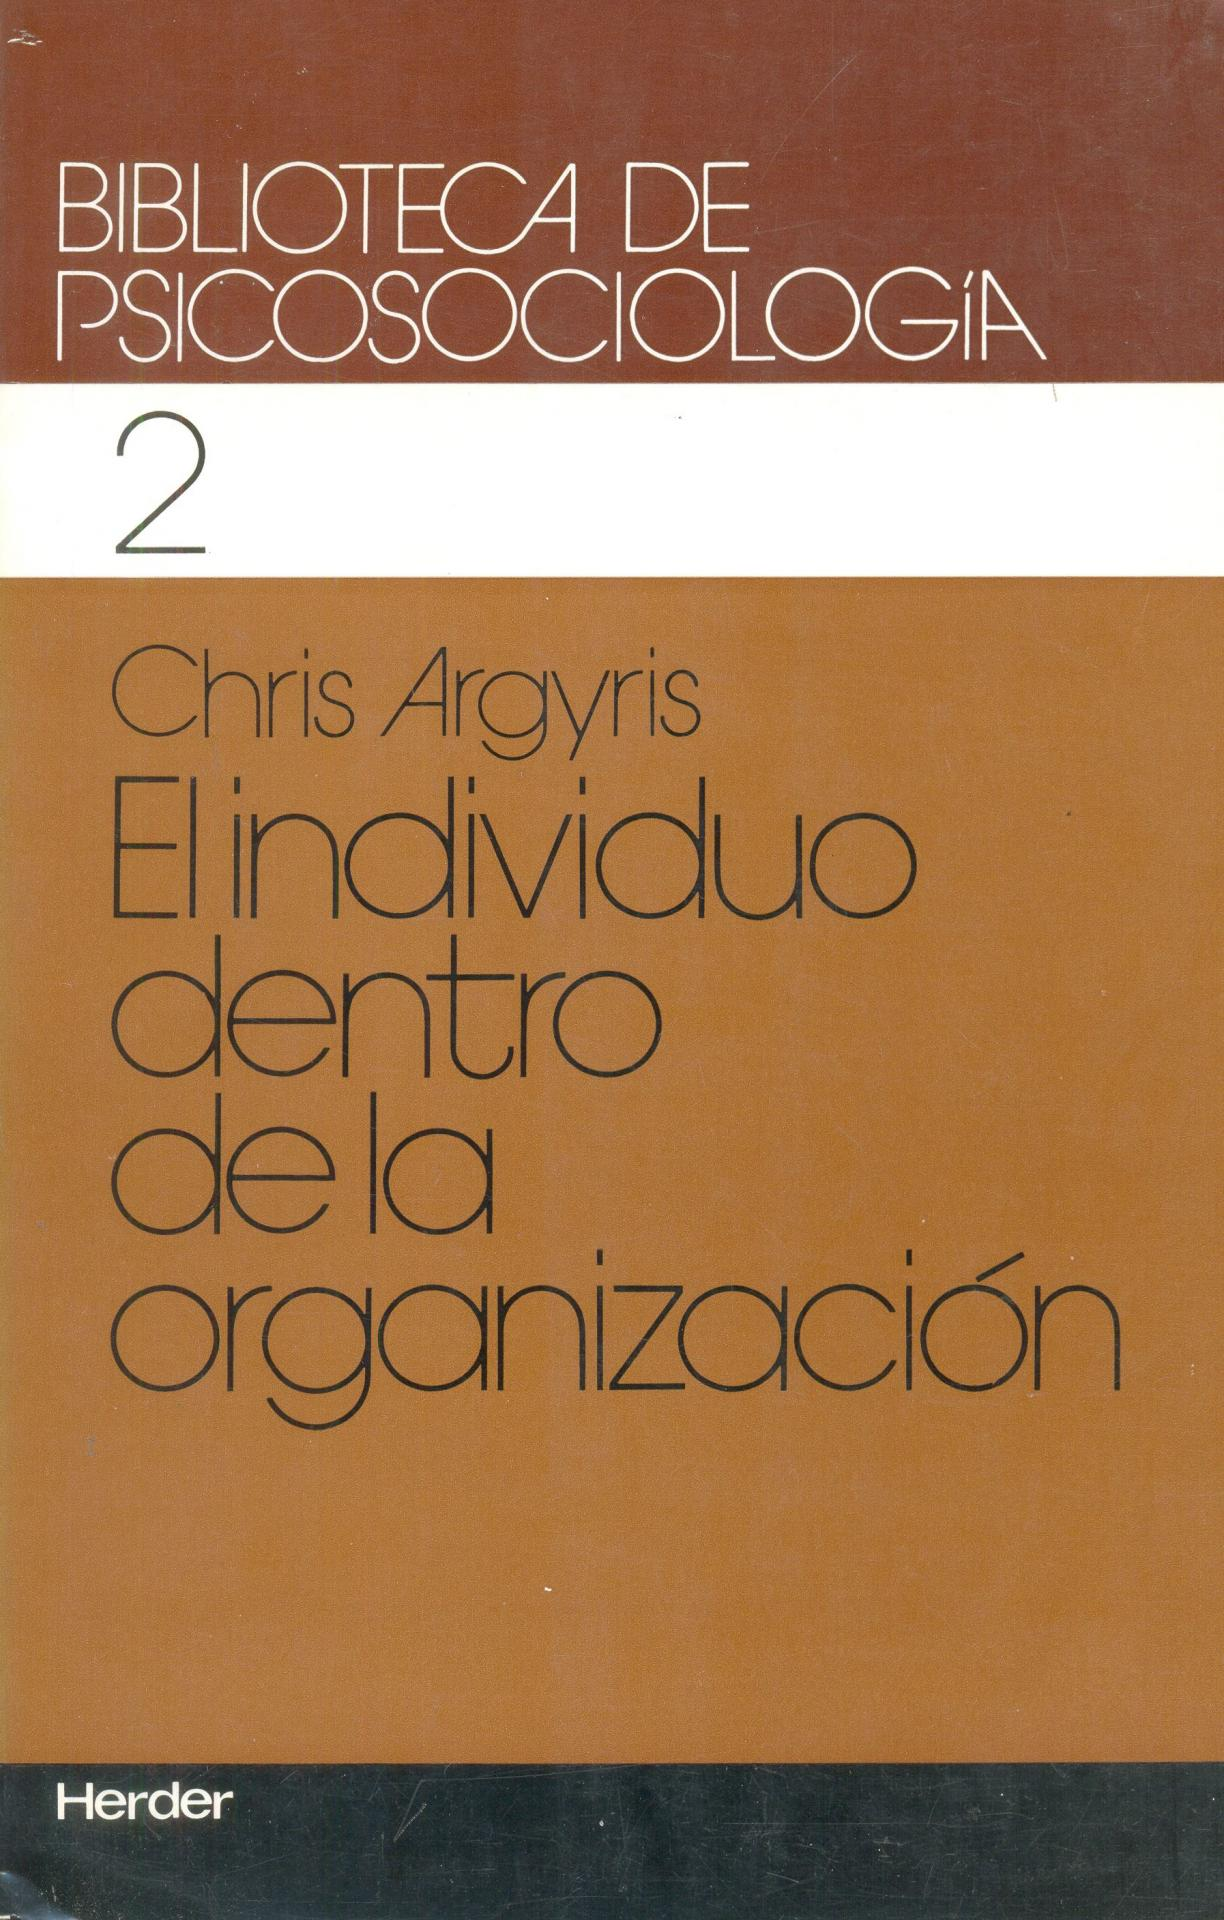 EL INDIVIDUO DENTRO DE LA ORGANIZACIÓN. Argyris, C.